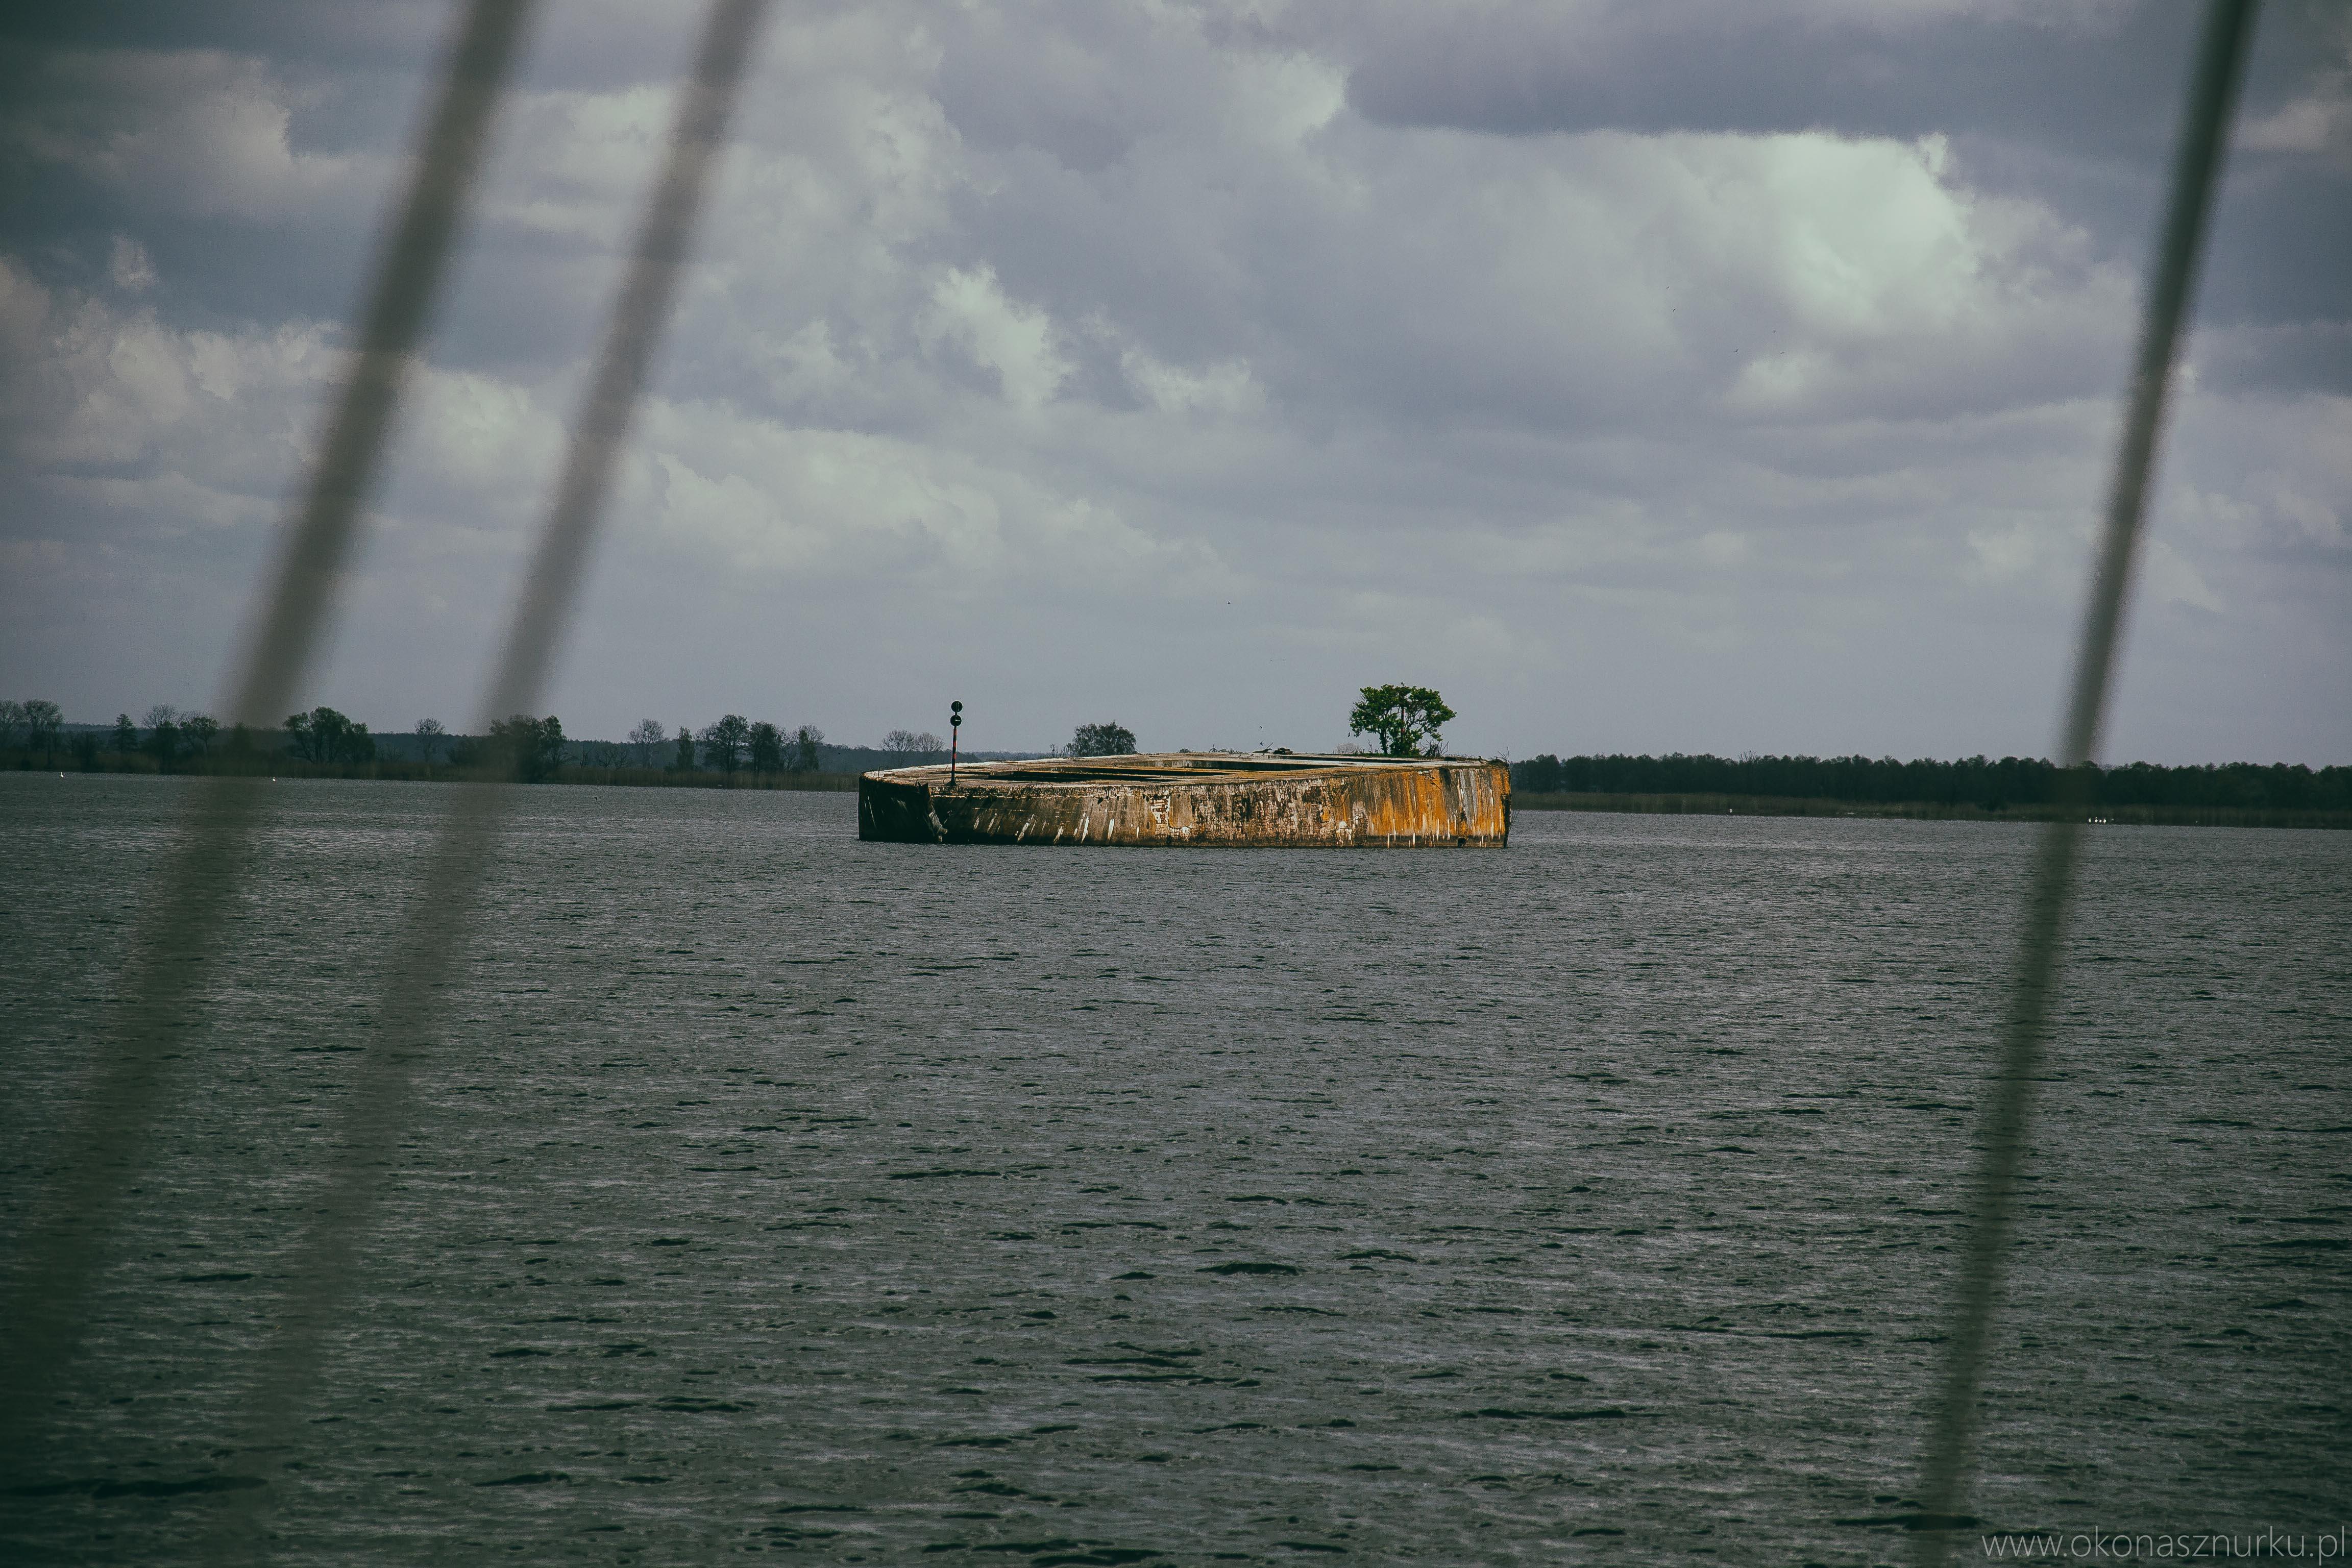 marina-jacht-wyprawy-morskie-silesia-szczecin-goclaw-lubczyna (51)